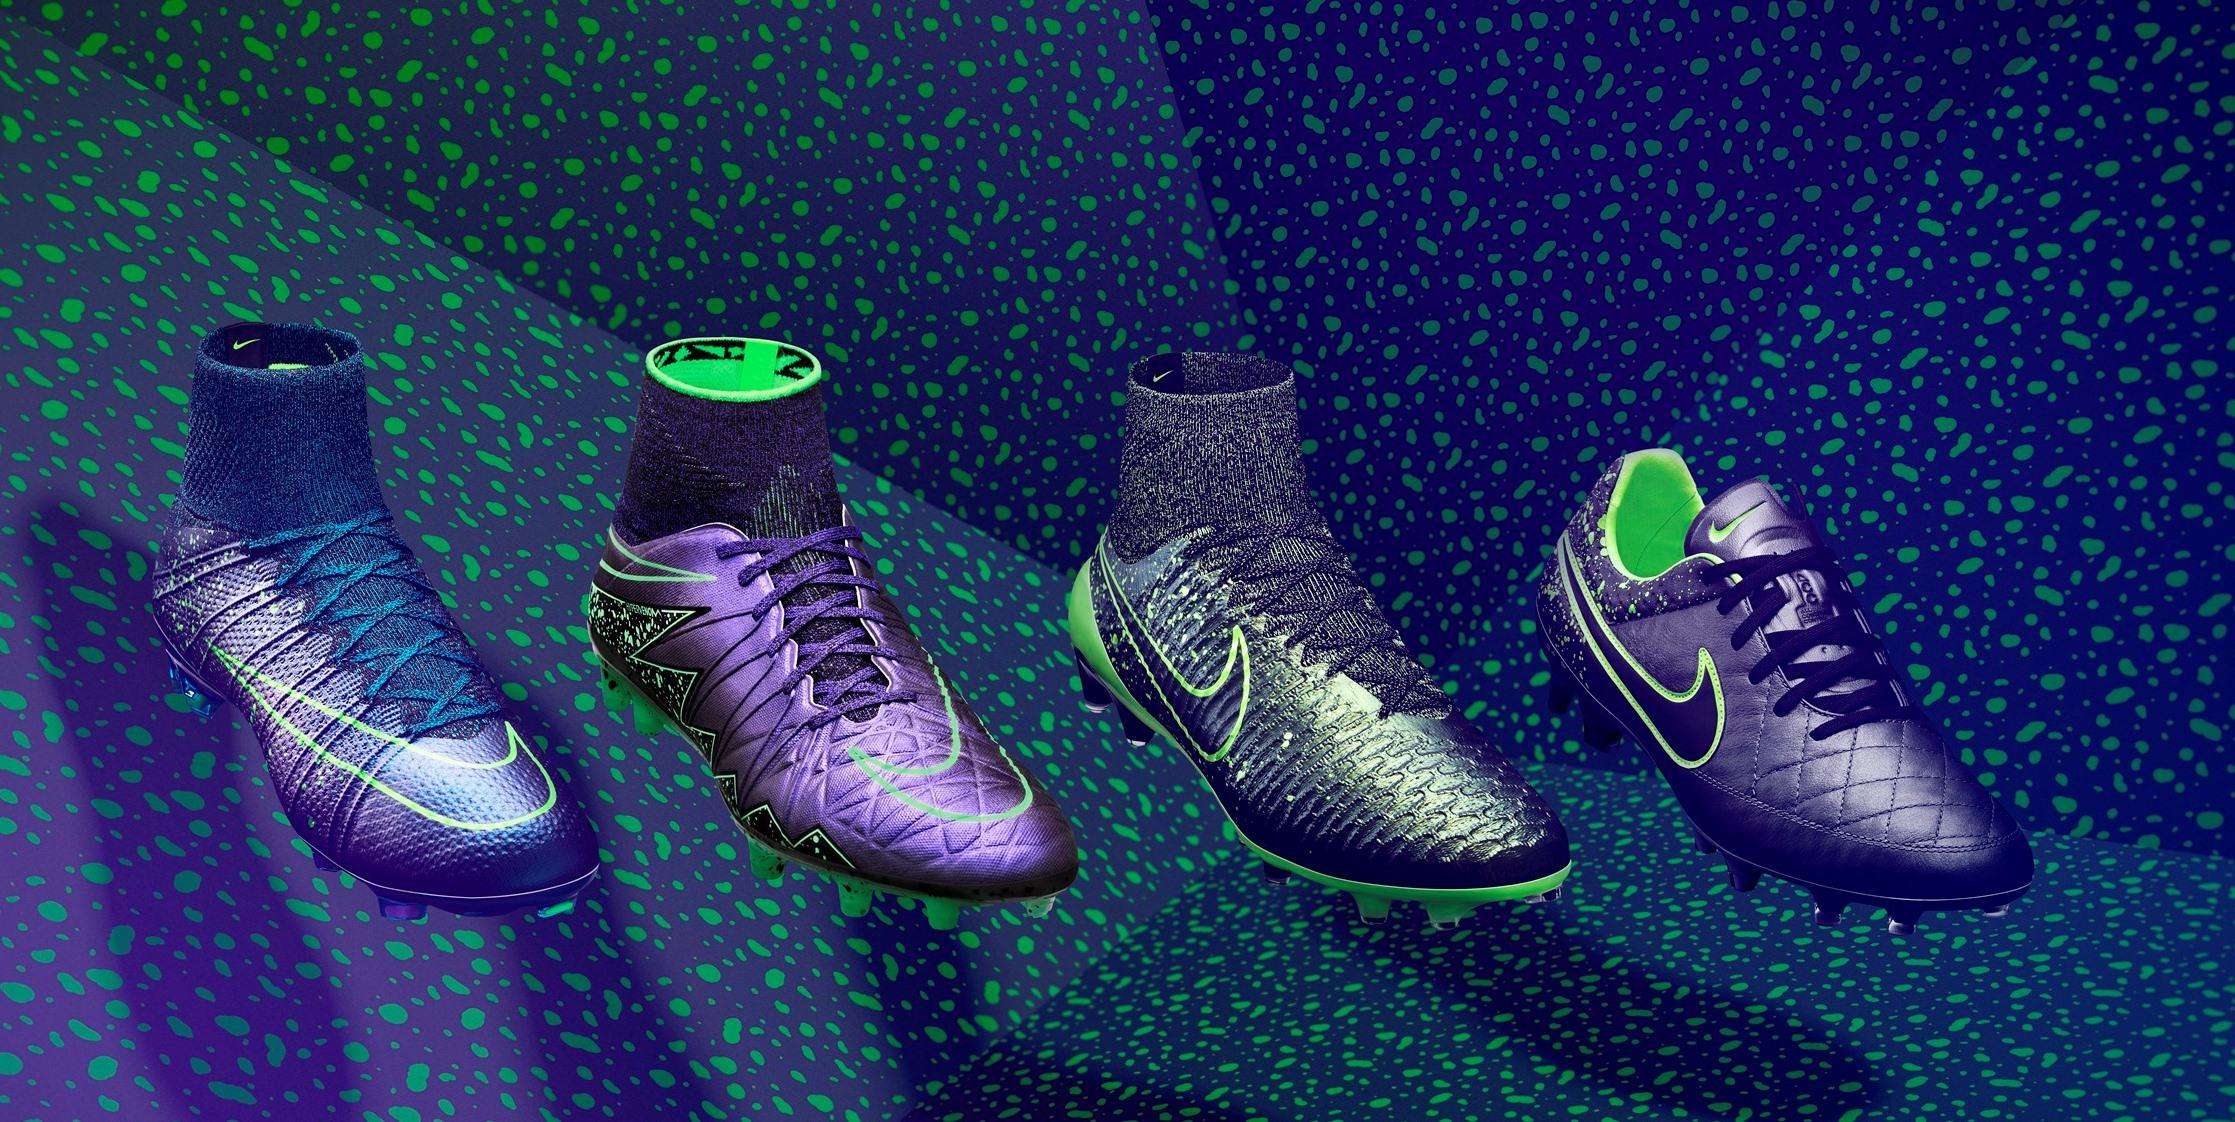 406389fb1 4 أحذية كرة قدم خيالية من نايك – أنا شرقي